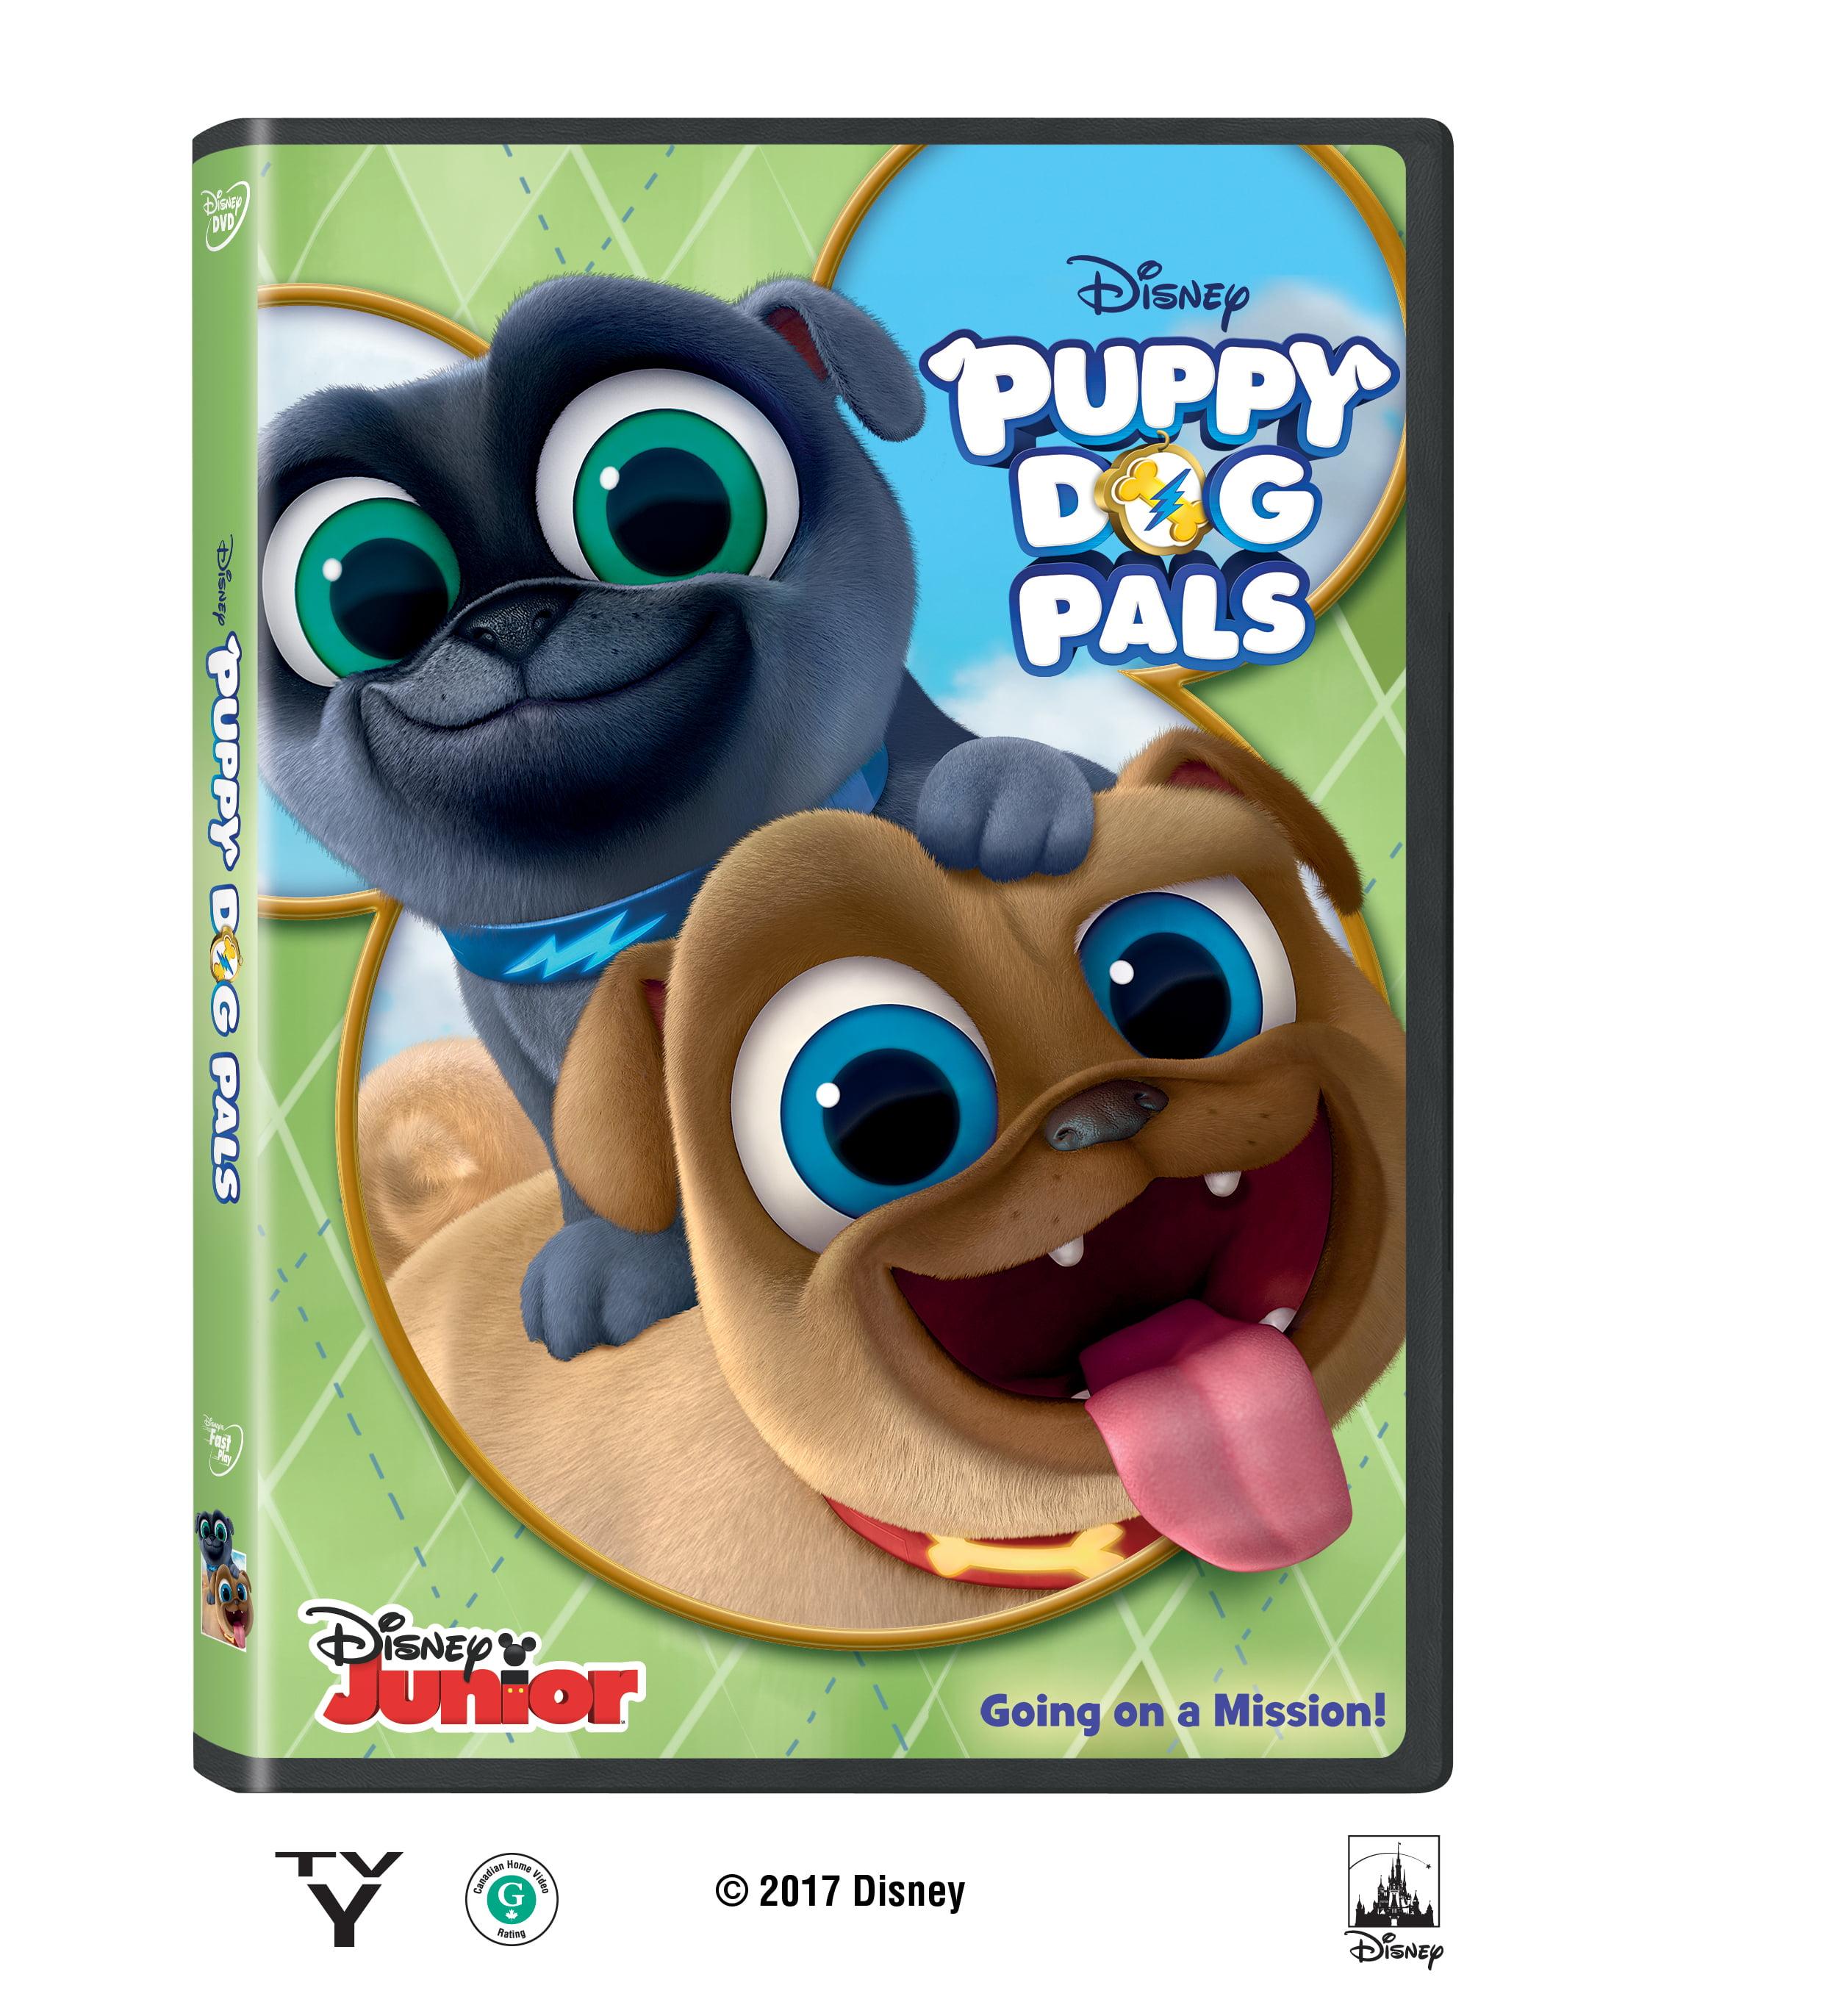 Disney Puppy Dog Pals Vol 1 Dvd Walmart Com